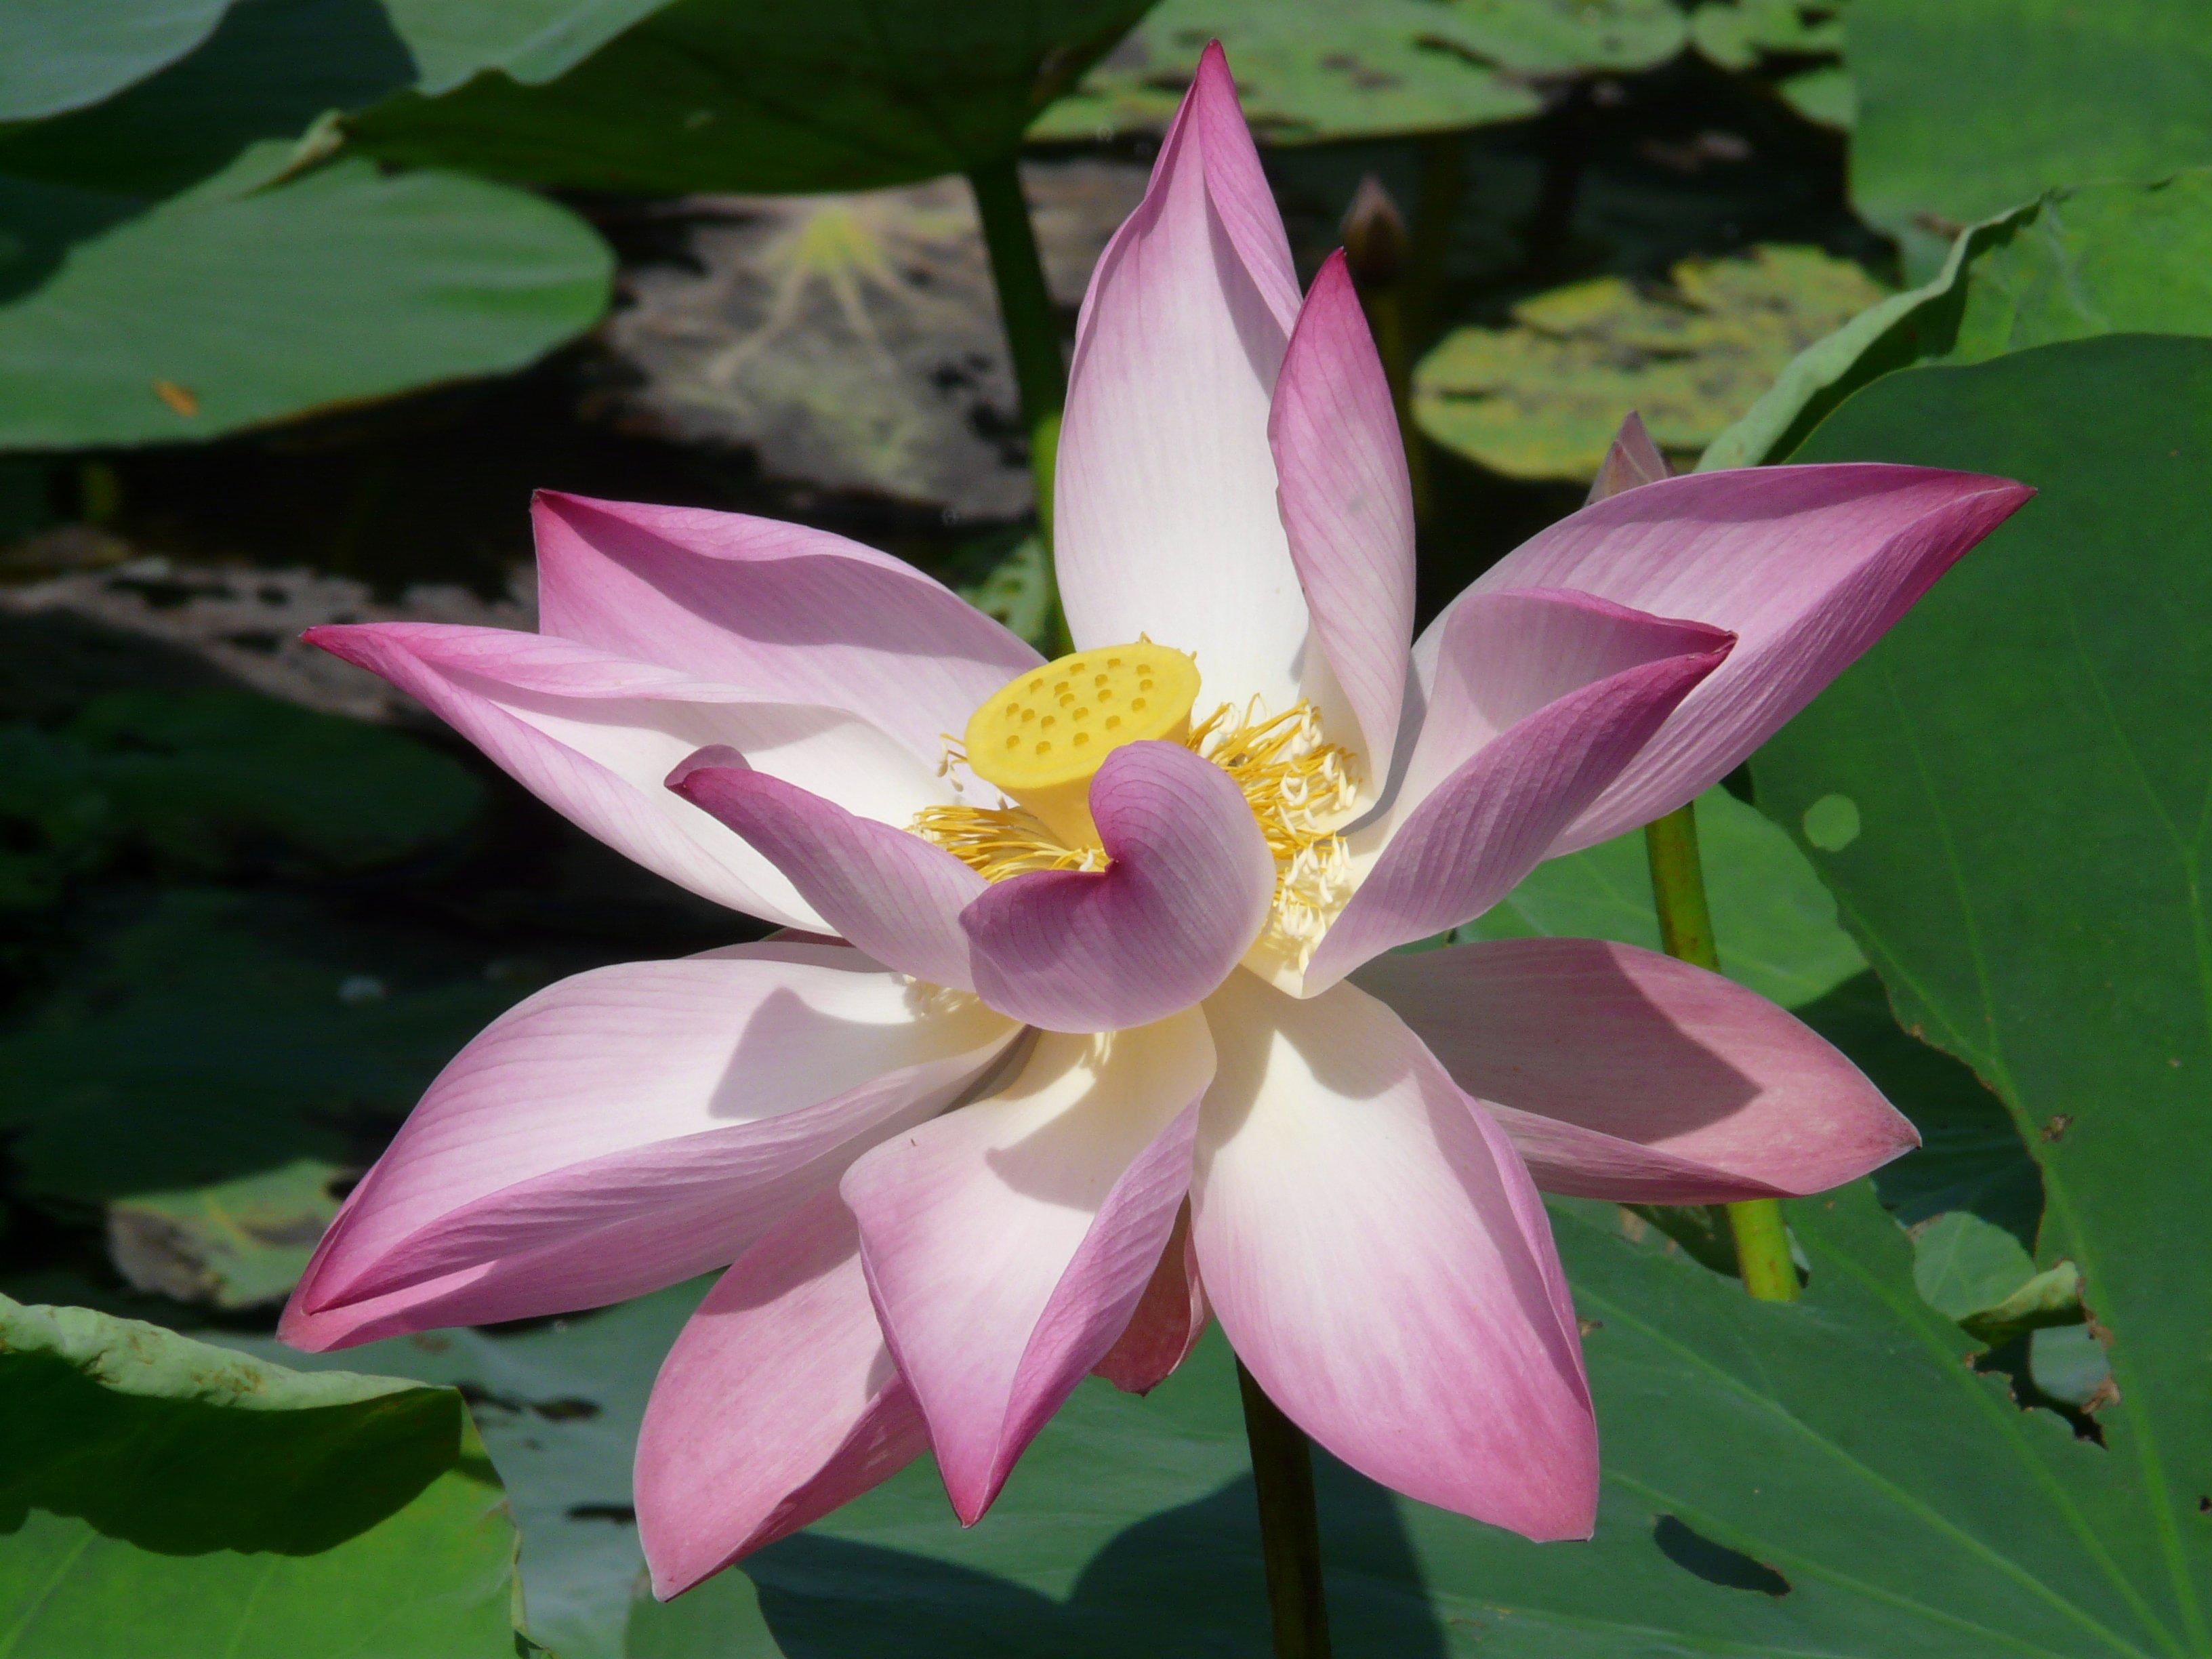 Free Images Flower Petal Bloom Botany Nelumbo Nucifera Indian